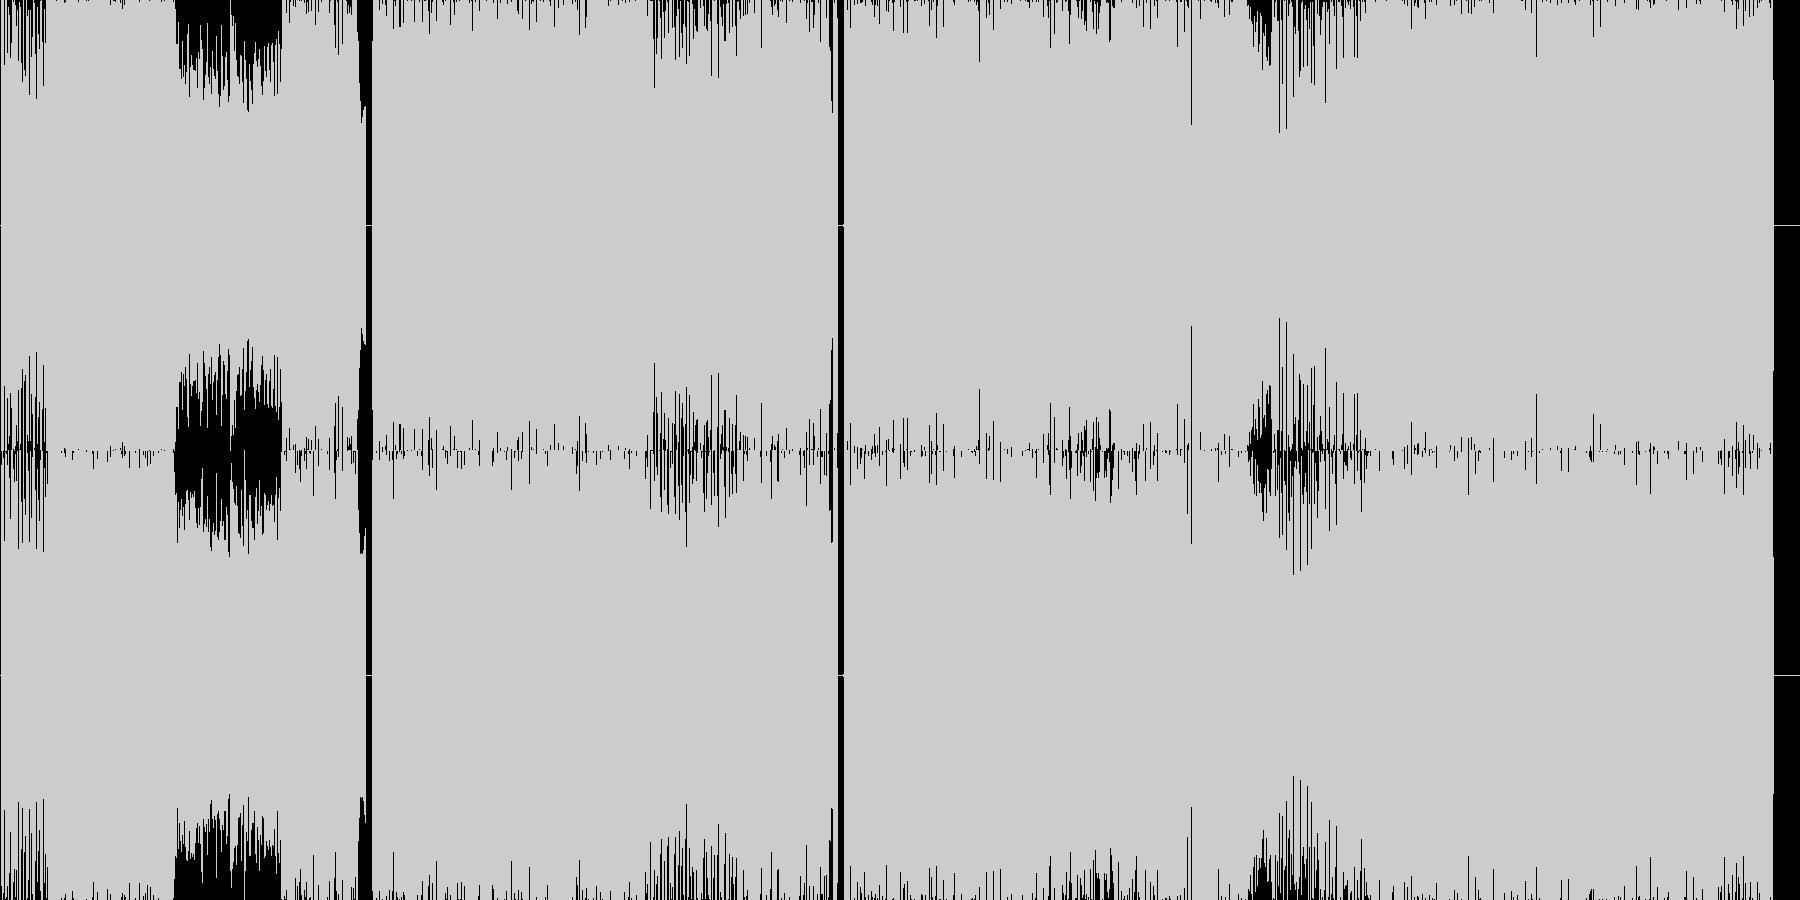 めちゃくちゃ踊れる渾身のロックEDM!の未再生の波形